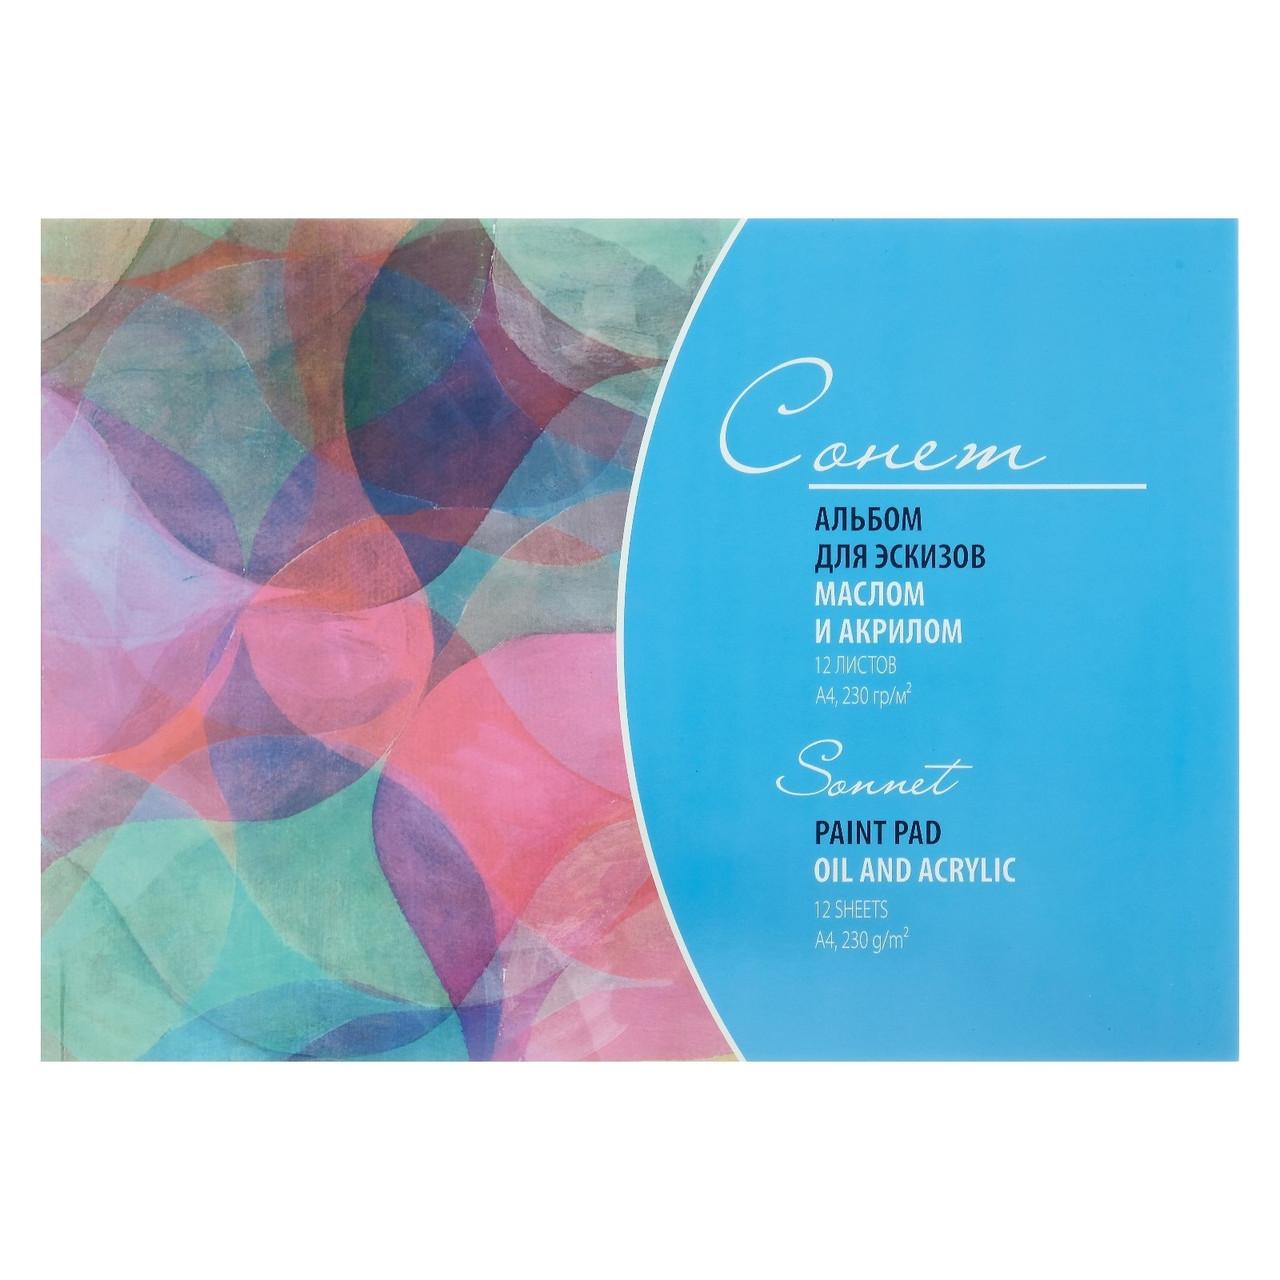 Альбом для акрила/масла, А4, ЗХК «Сонет», 12 листов, 230 г/м², на склейка